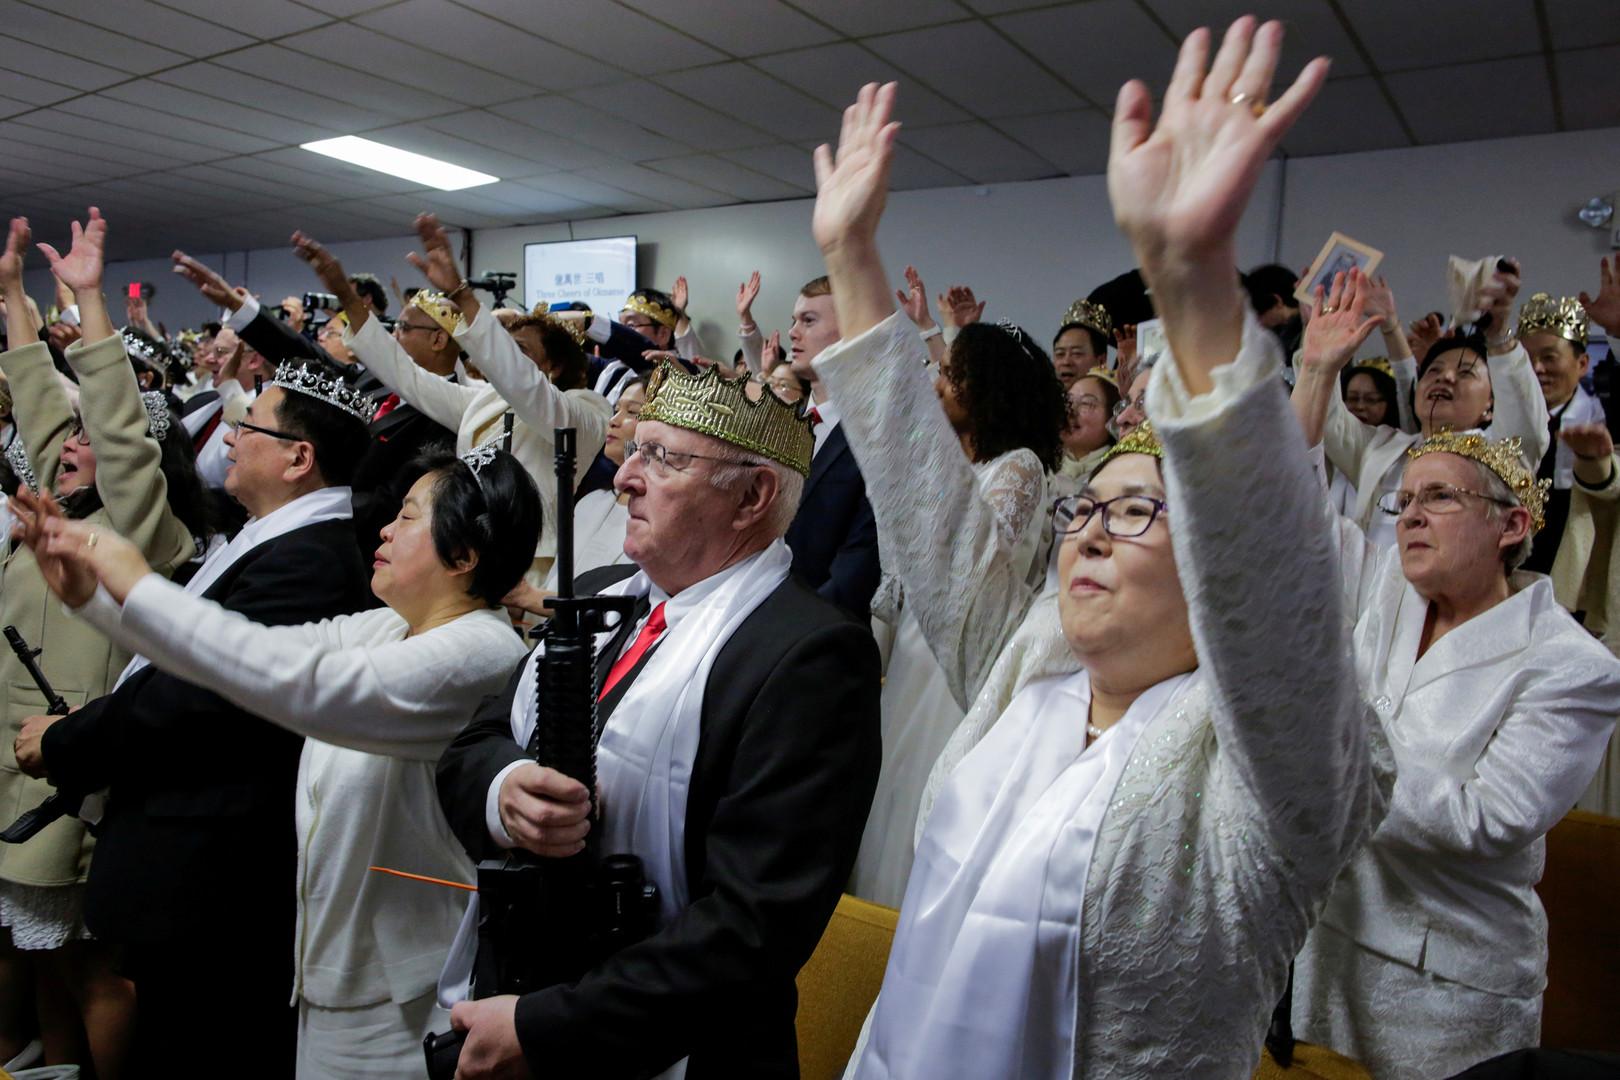 Ein Amen für die Schusswaffe: Amerikanische Gläubige nehmen ihre Waffen in die Kirche mit